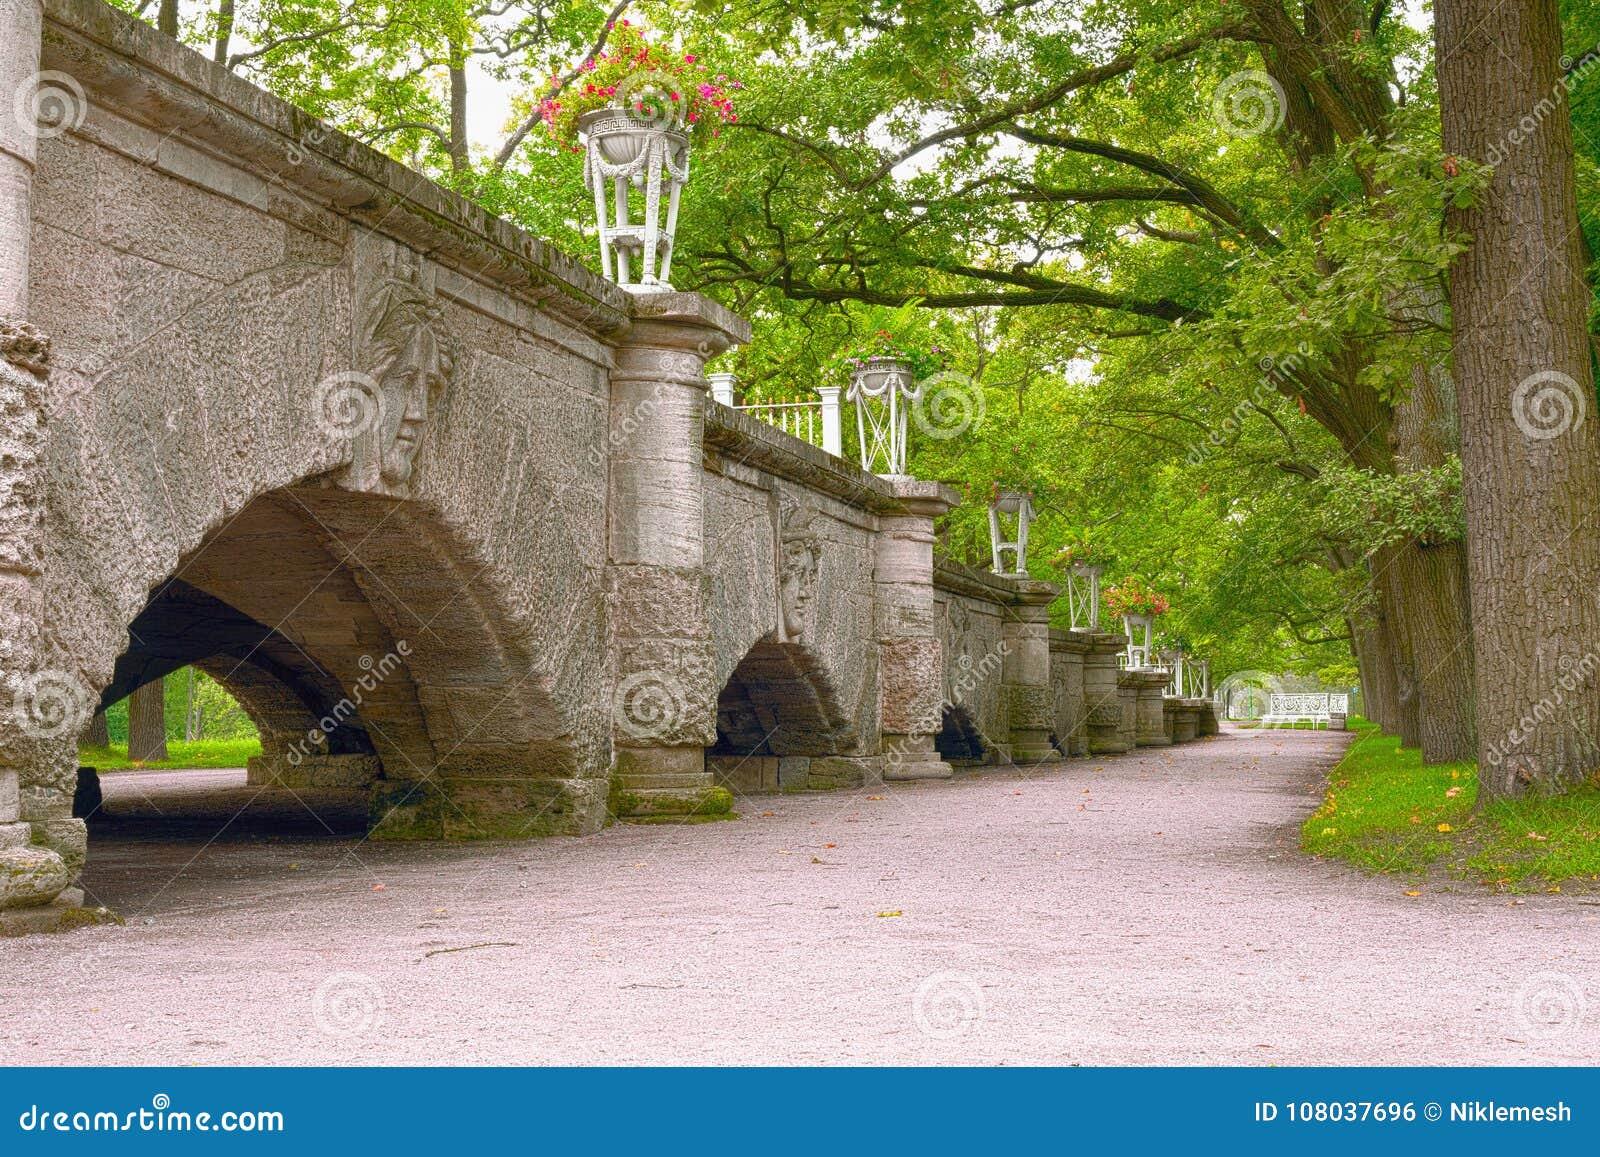 Una rampa apacible-que se inclina a Catherine Park, adornada con los floreros por los altares clásicos del arrabio que incorporan